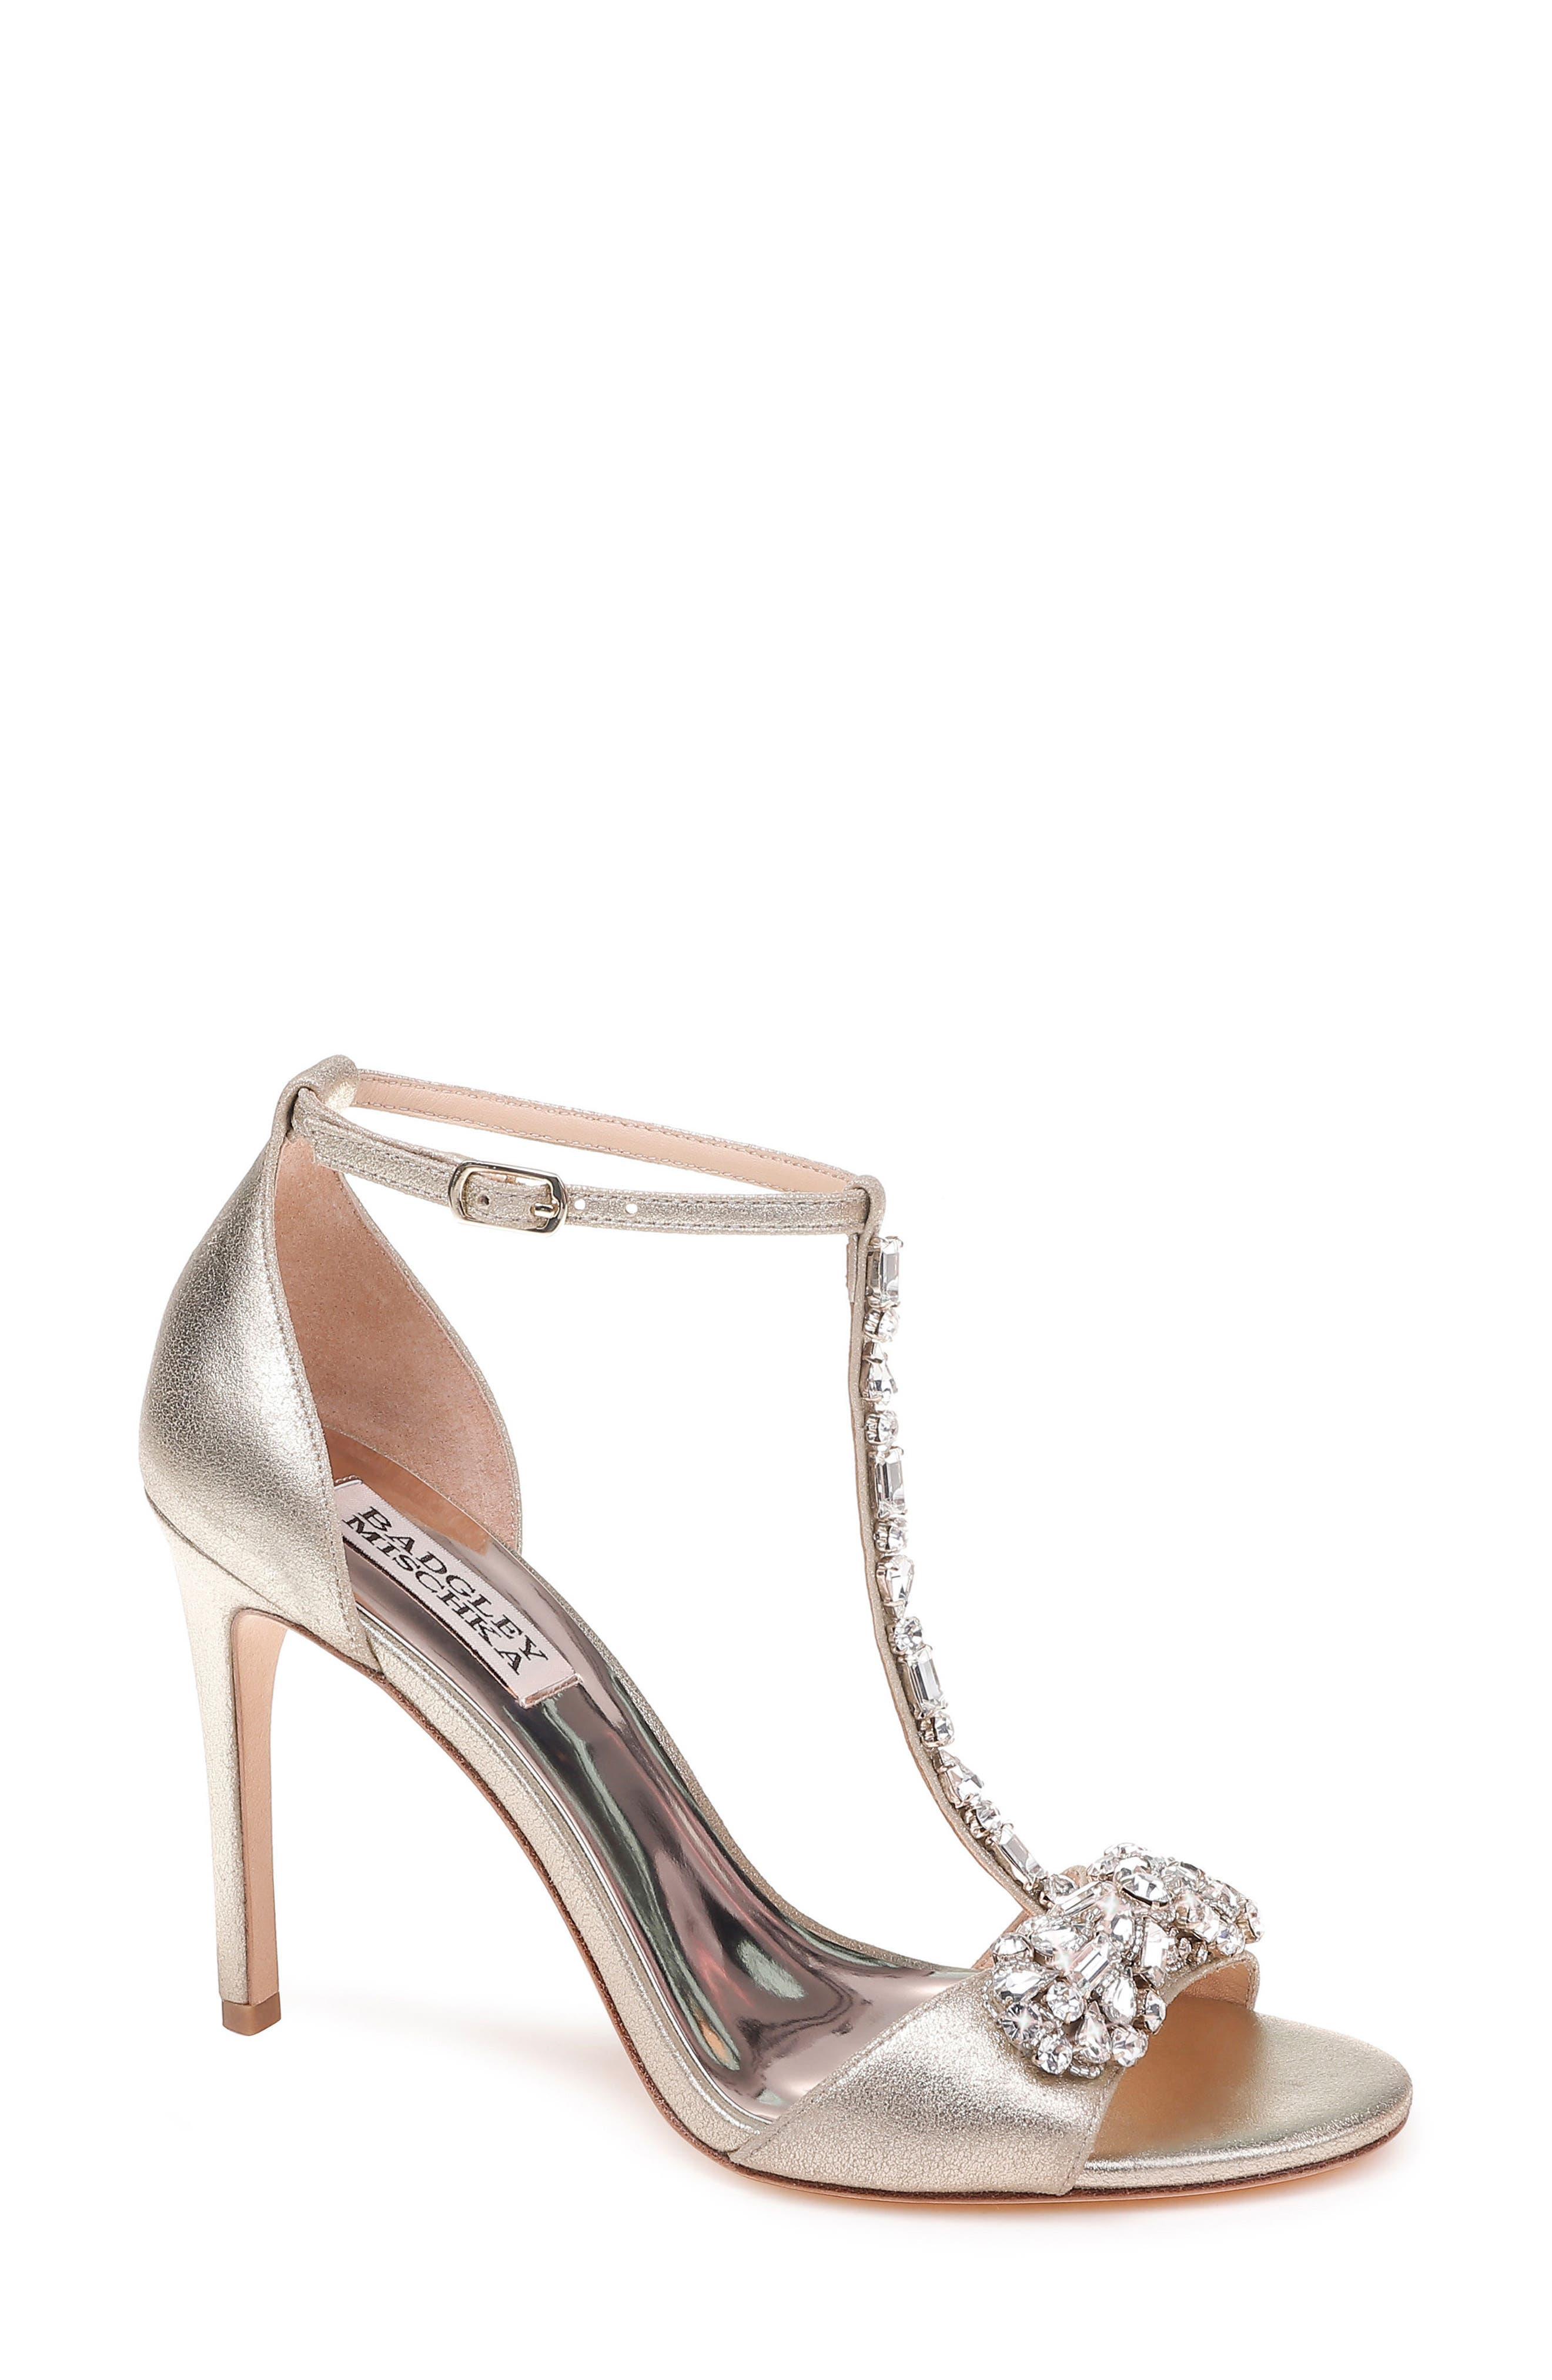 Pascale T-Strap Sandal,                             Main thumbnail 1, color,                             Platinum Metallic Suede